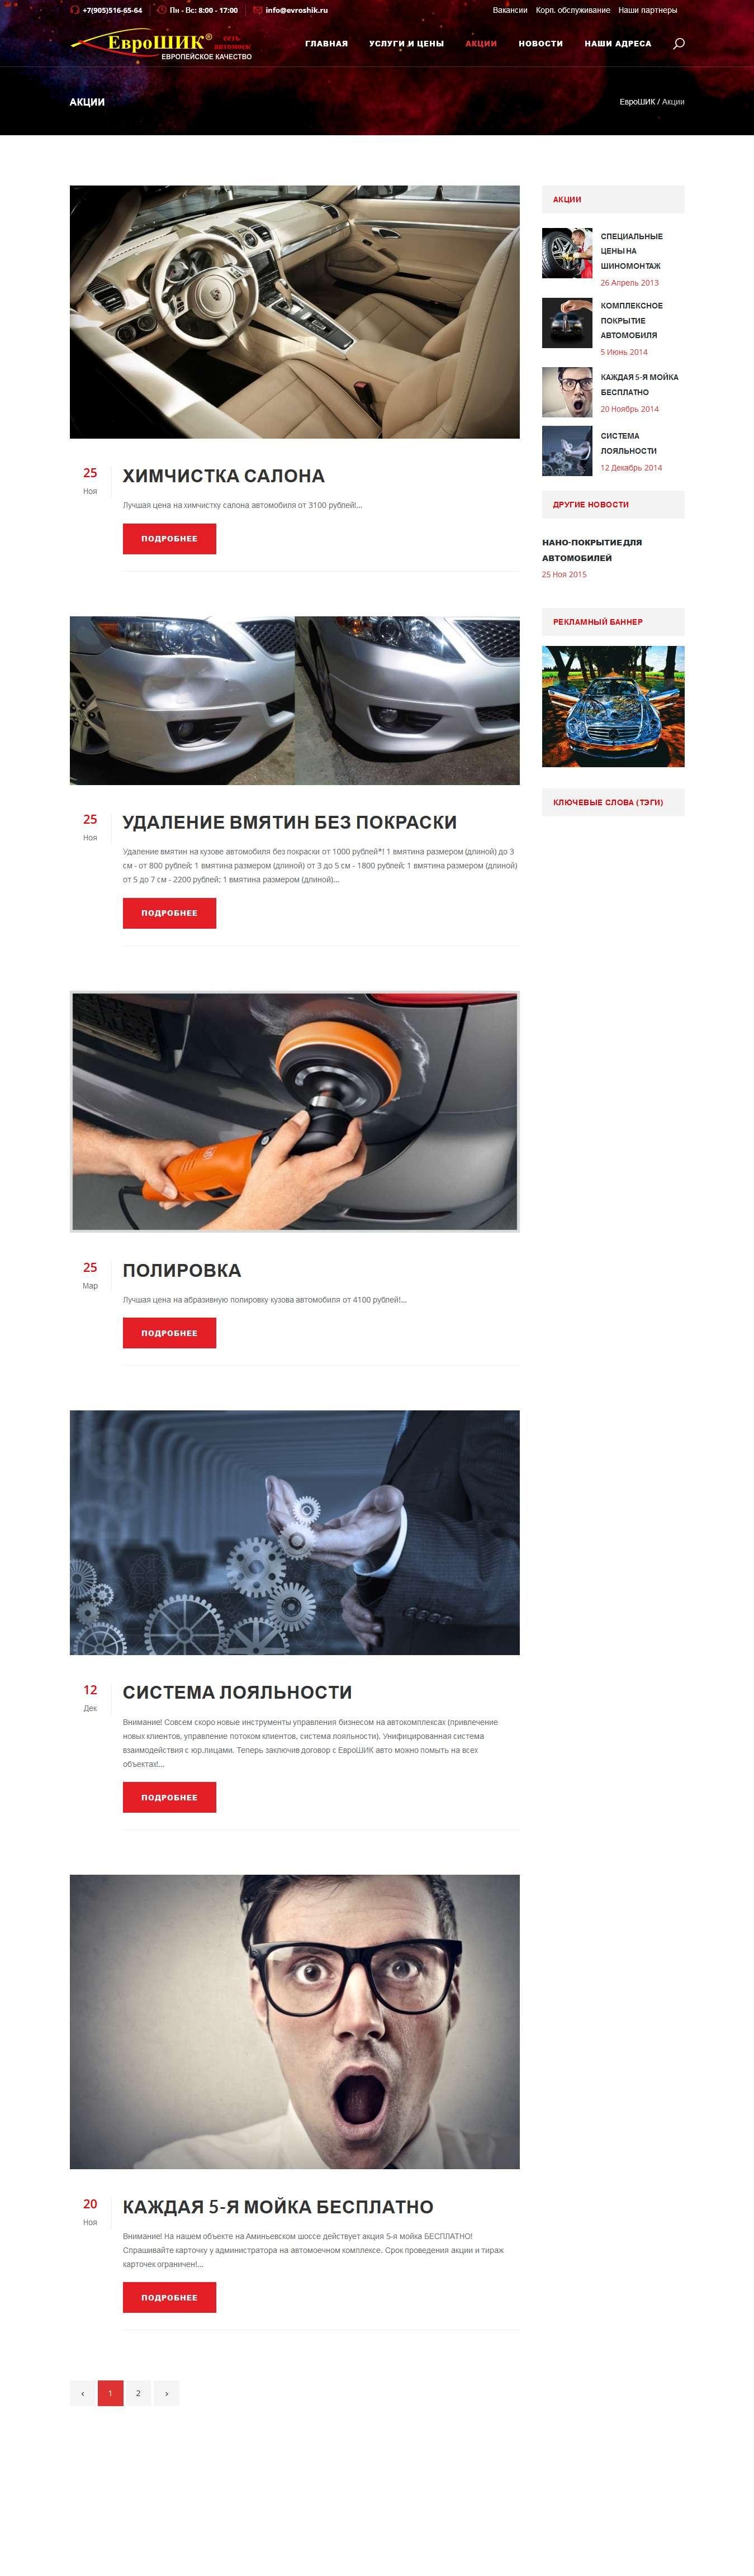 Пример сайта визитки - сеть автомоек - список новостей